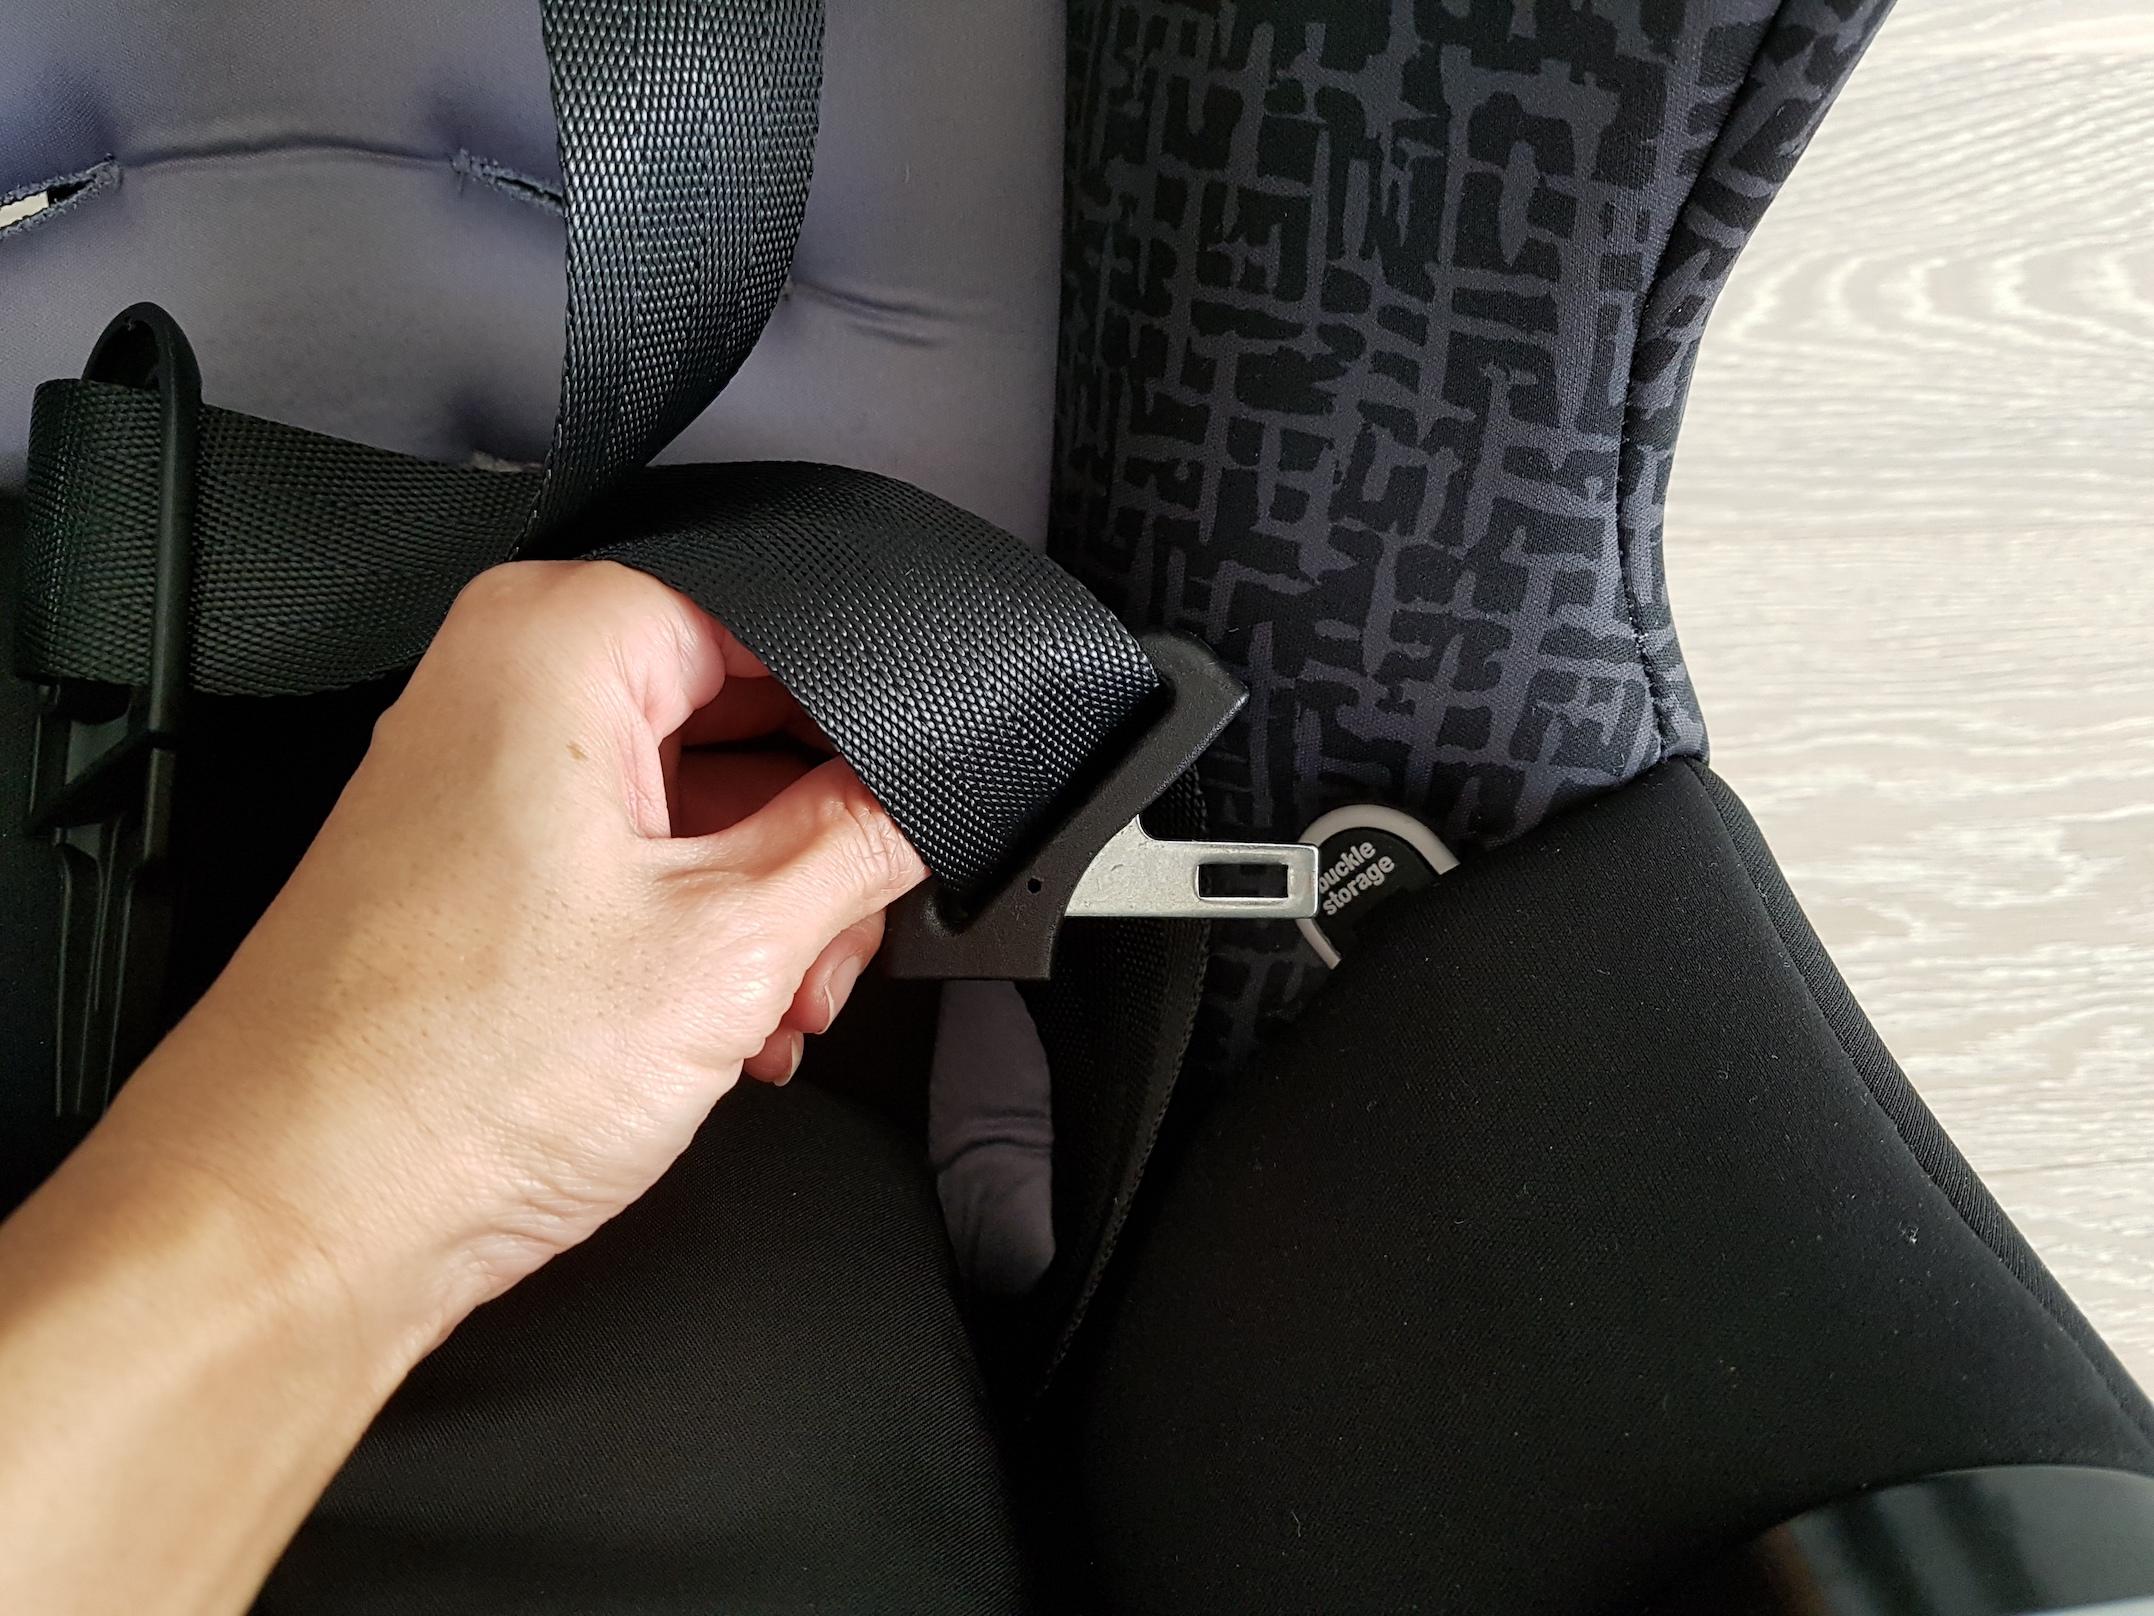 evenflo_car_seat_bby_buckle